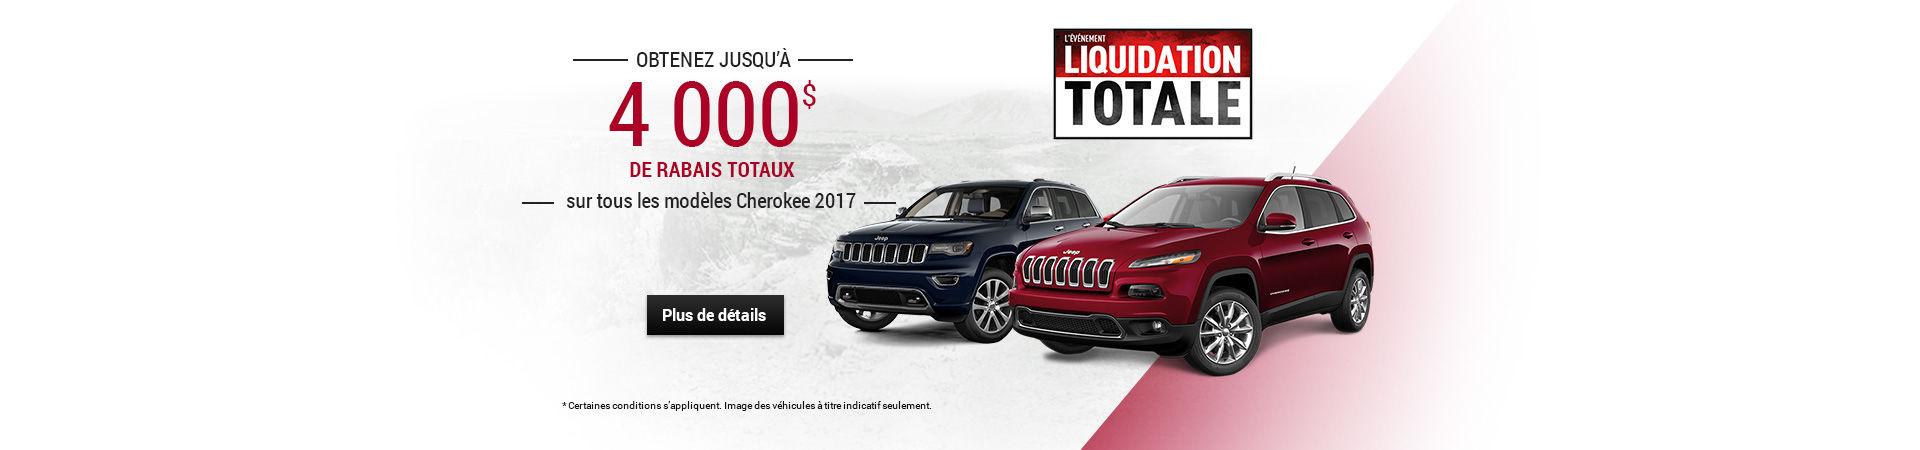 Liquidation totale novembre - Jeep